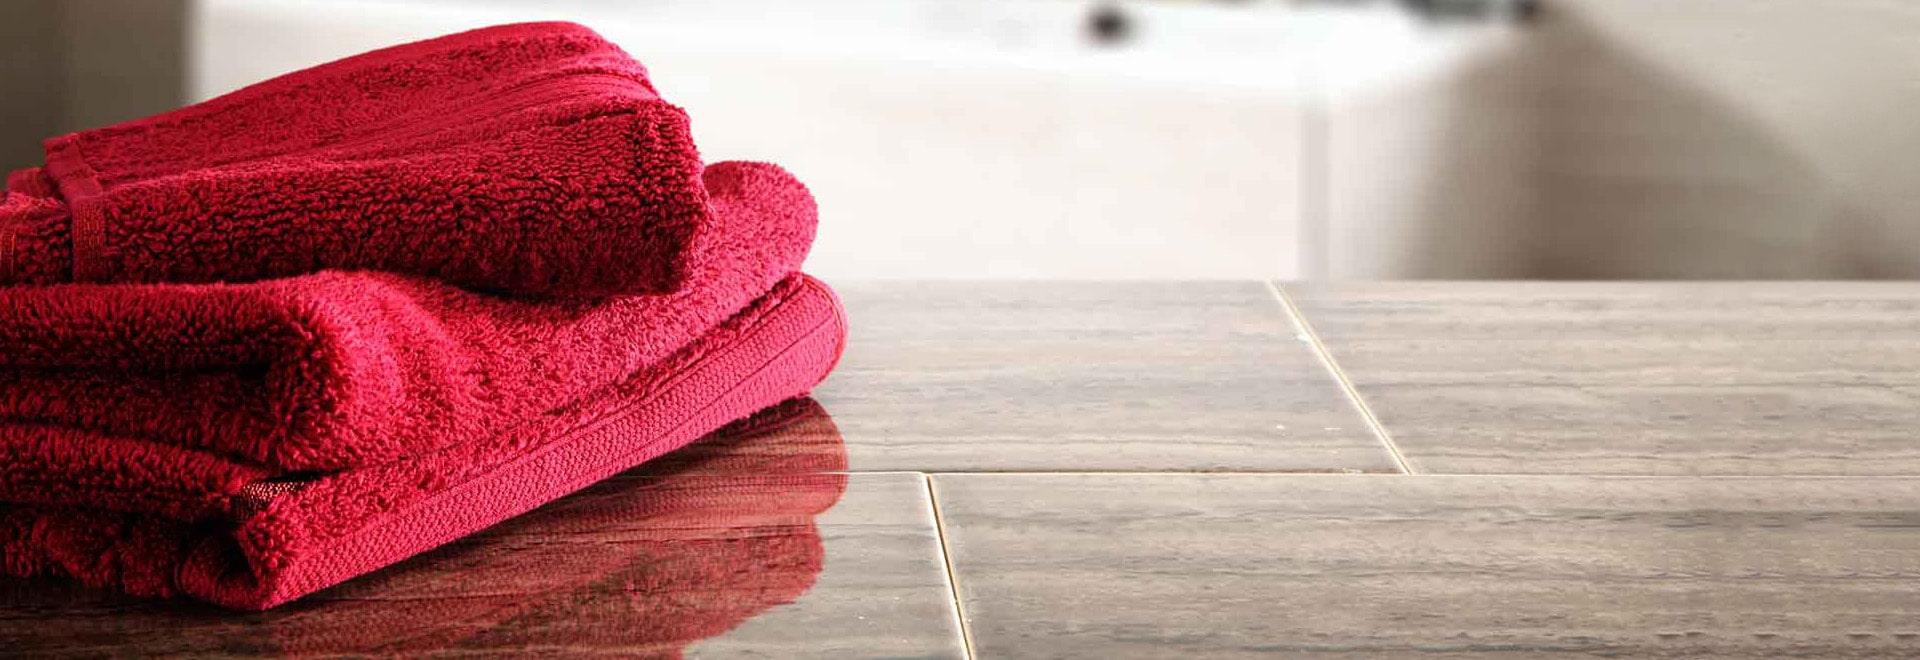 bd textiles rote Handtücher auf Fliesen